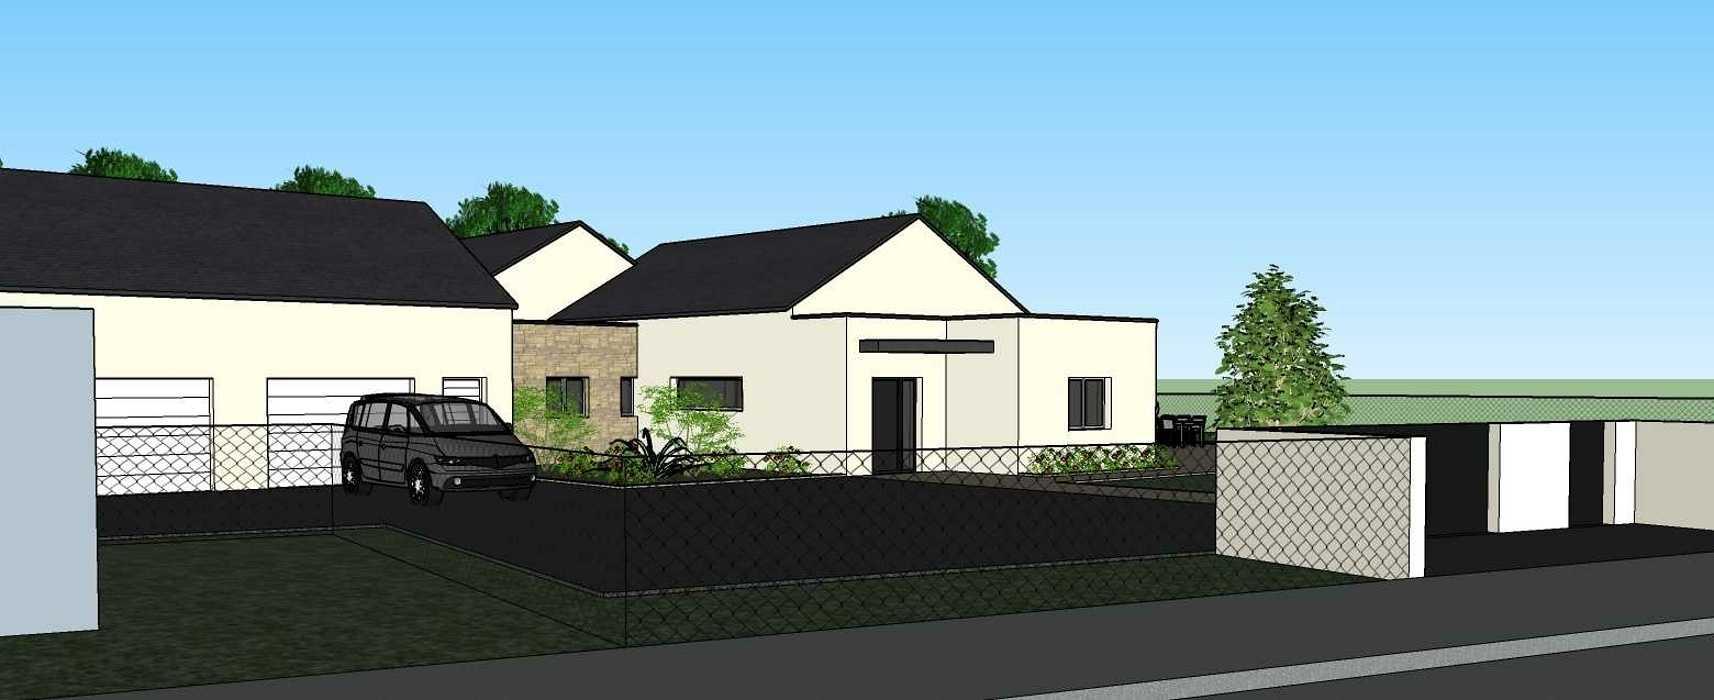 Création une maison d'habitation à Loudéac (22) Architecte : Isabelle Guillemin vue3dintegration